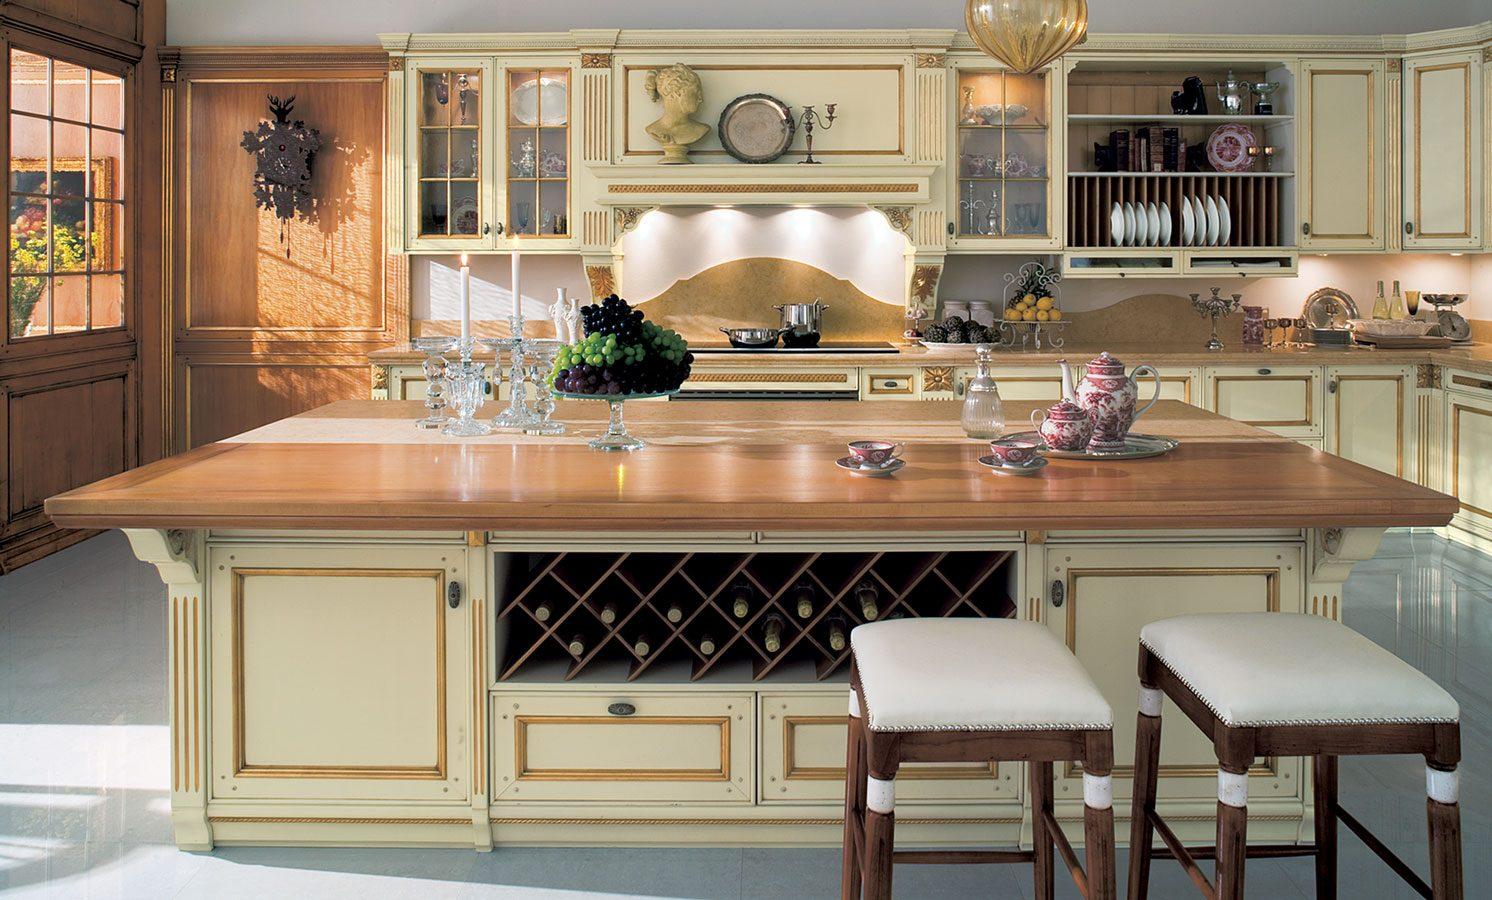 Cocina cl sica en tonos madera im genes y fotos - Cocinas estilo ingles decoracion ...